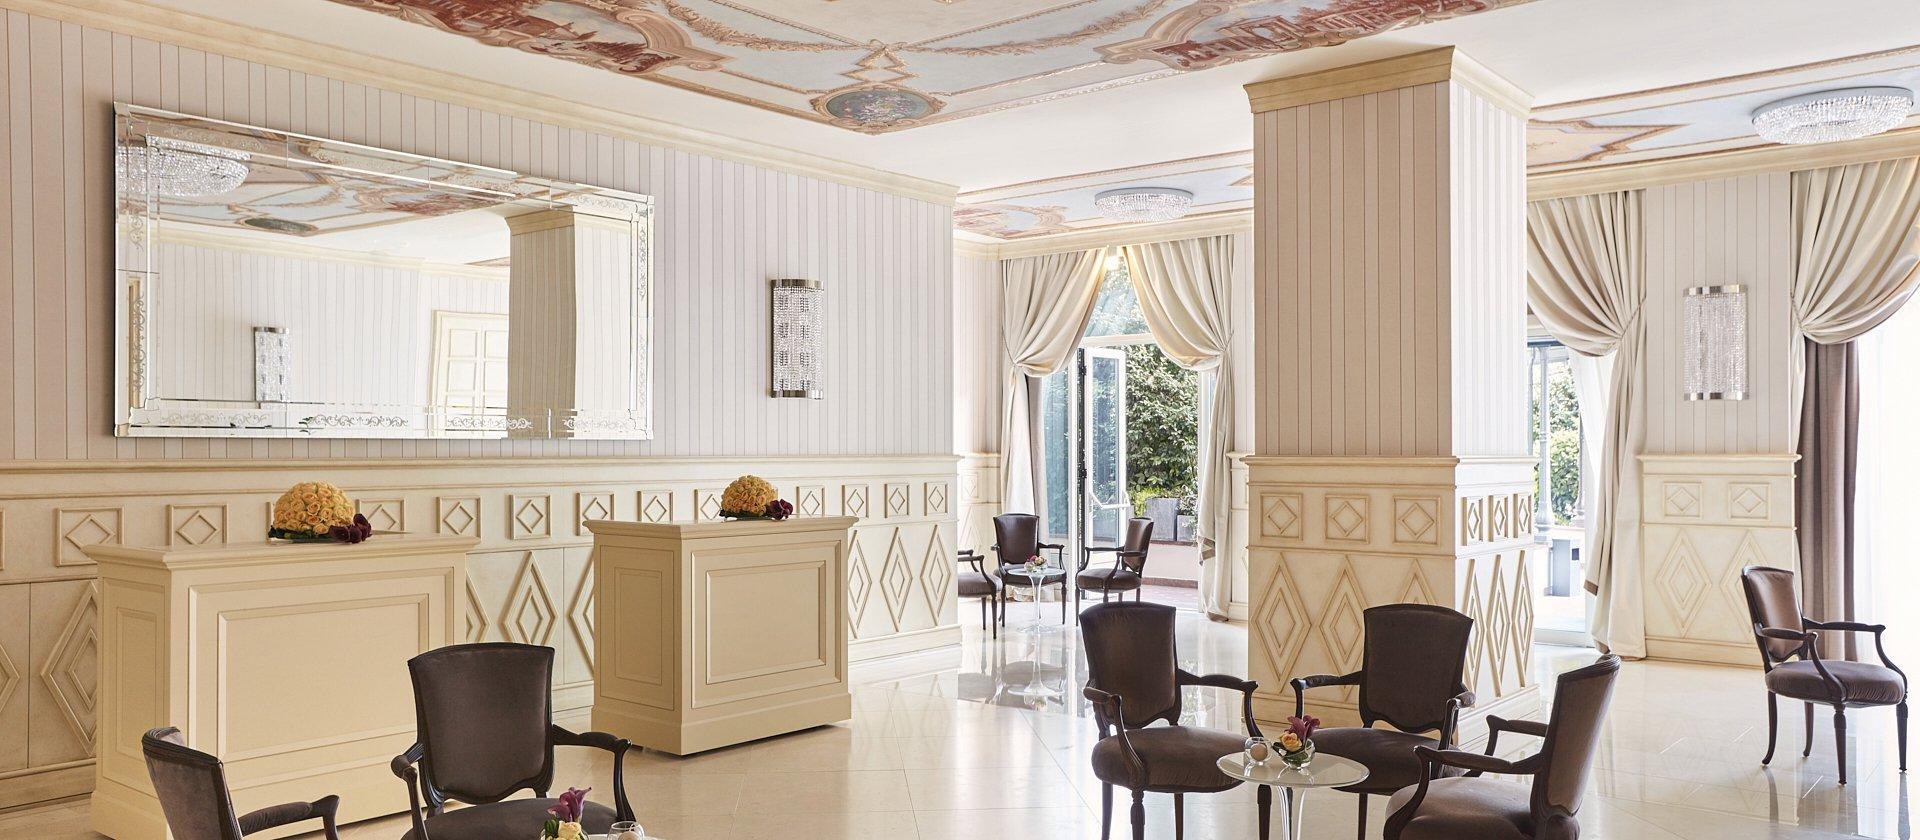 Hotel Principe di Savoia event spaces, Marconi area